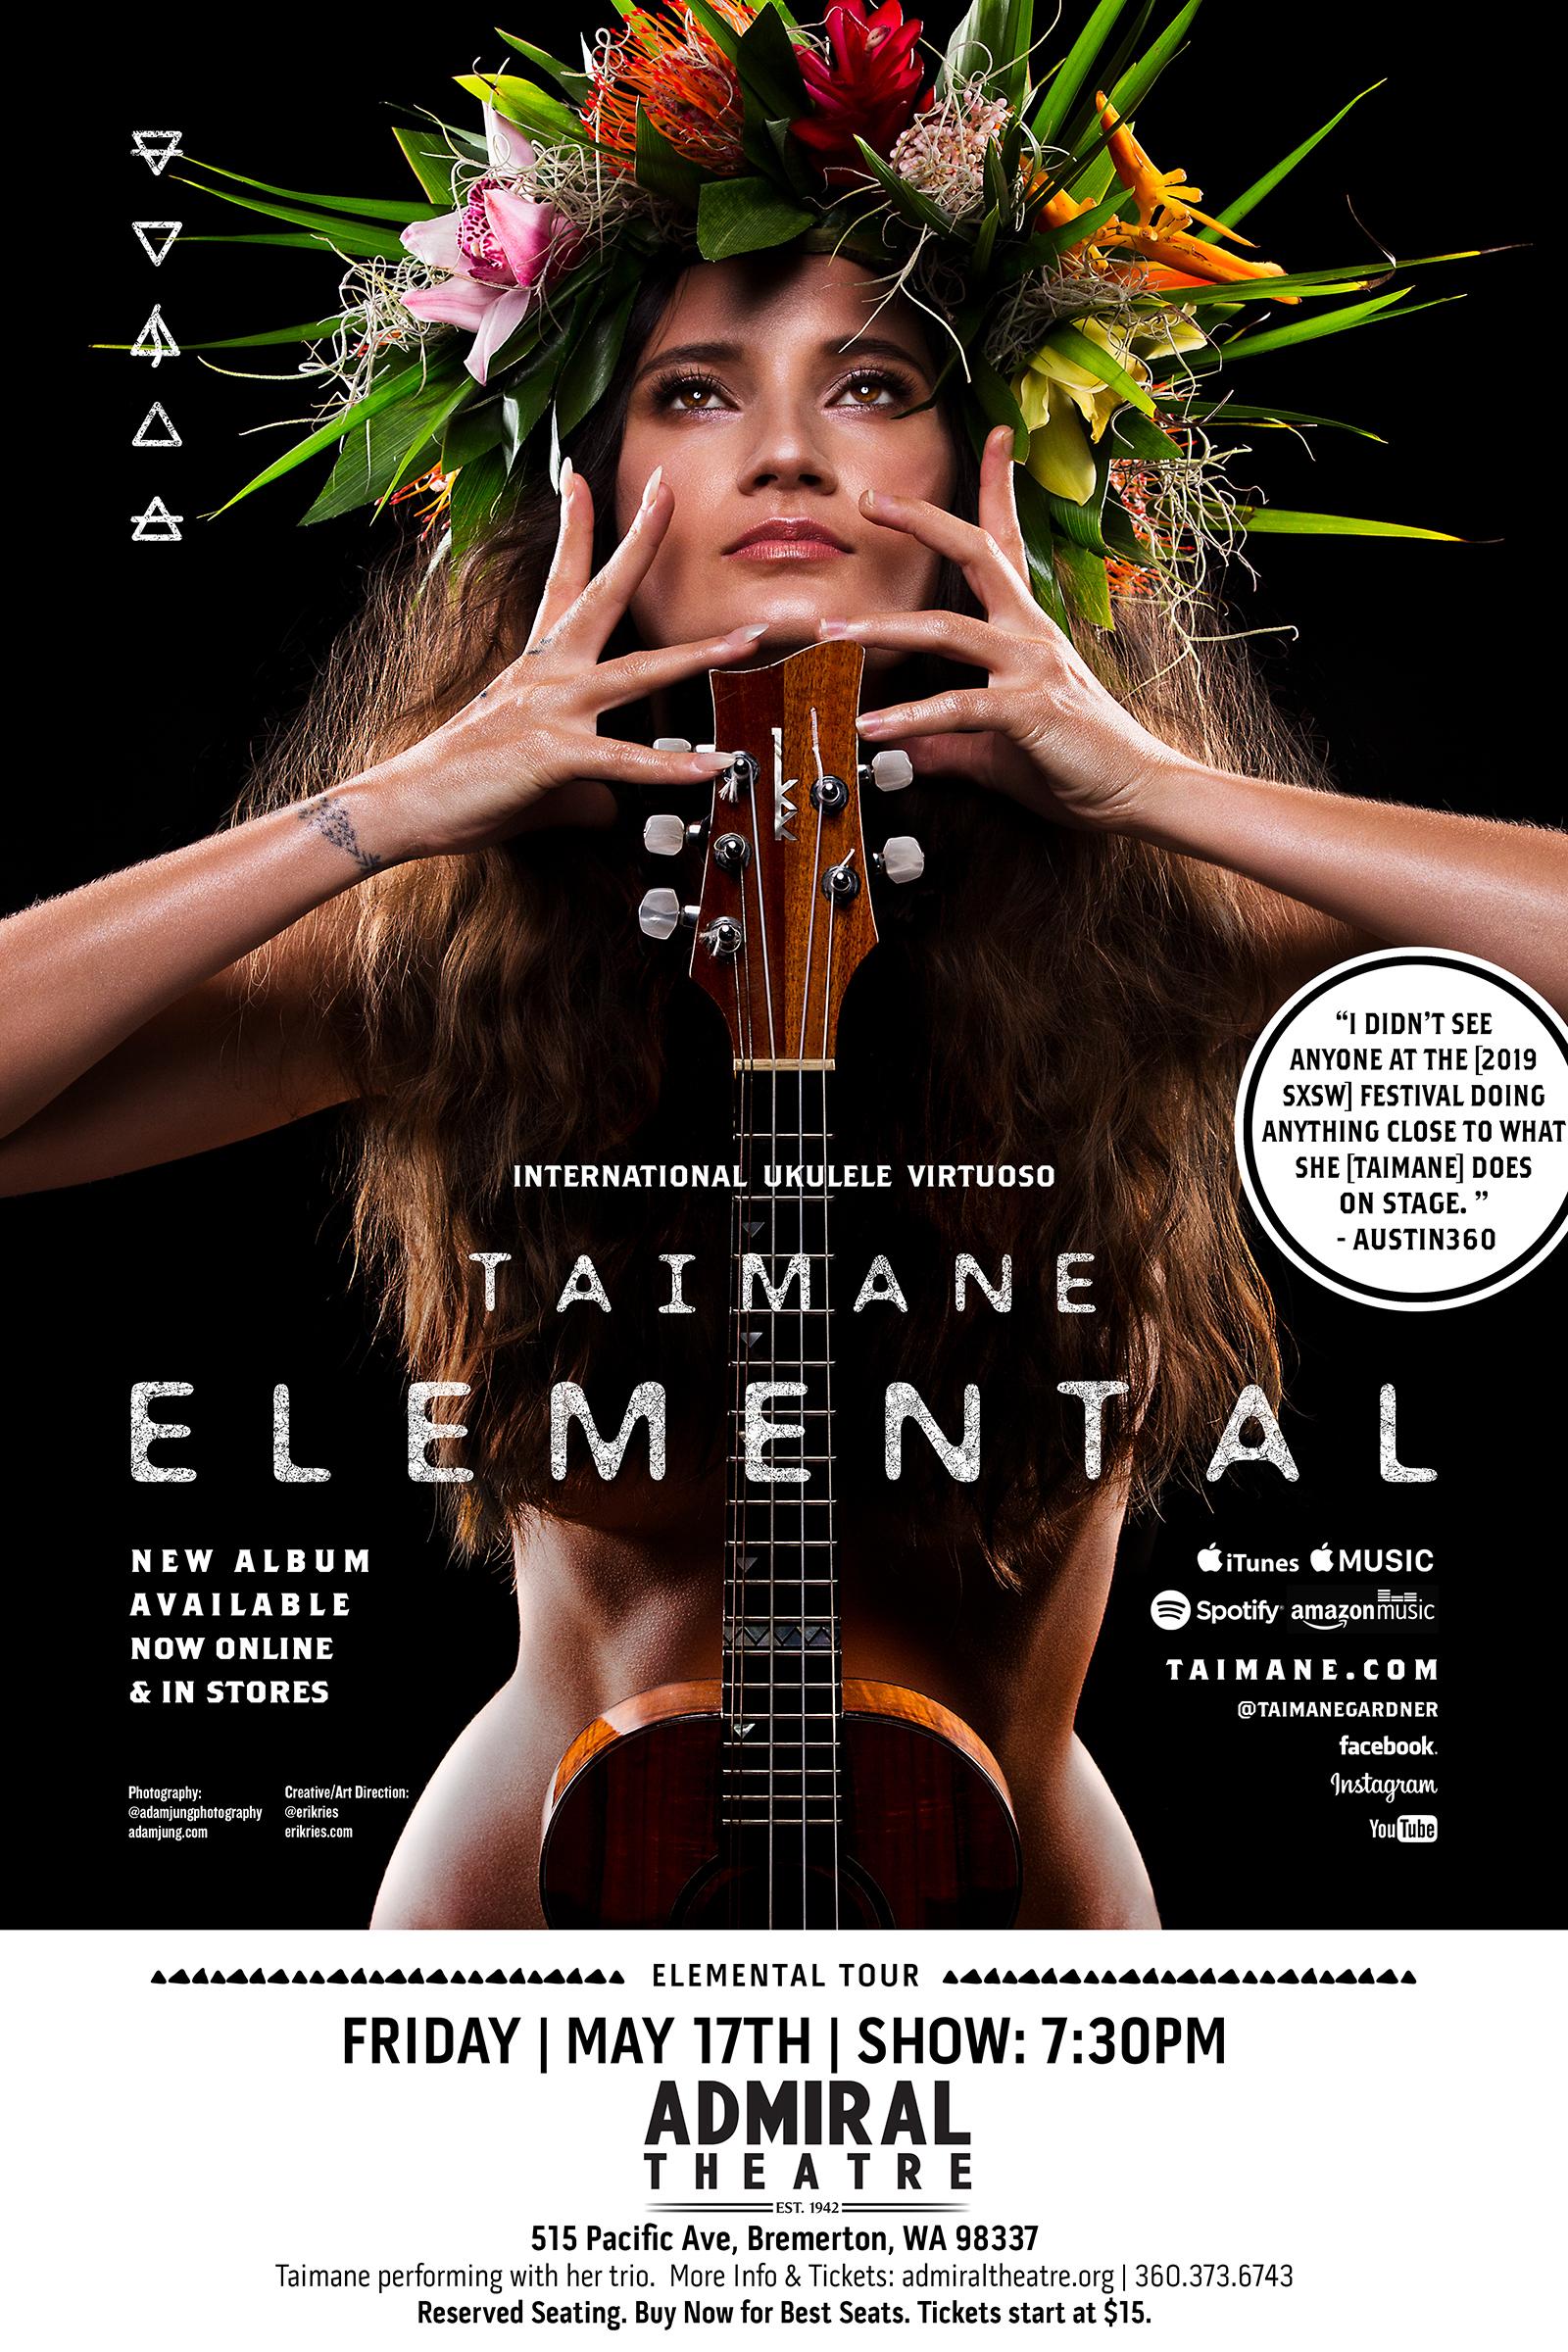 Taimane Elemental 24x36_lr1600x2400 - Admiral Theatre.jpg